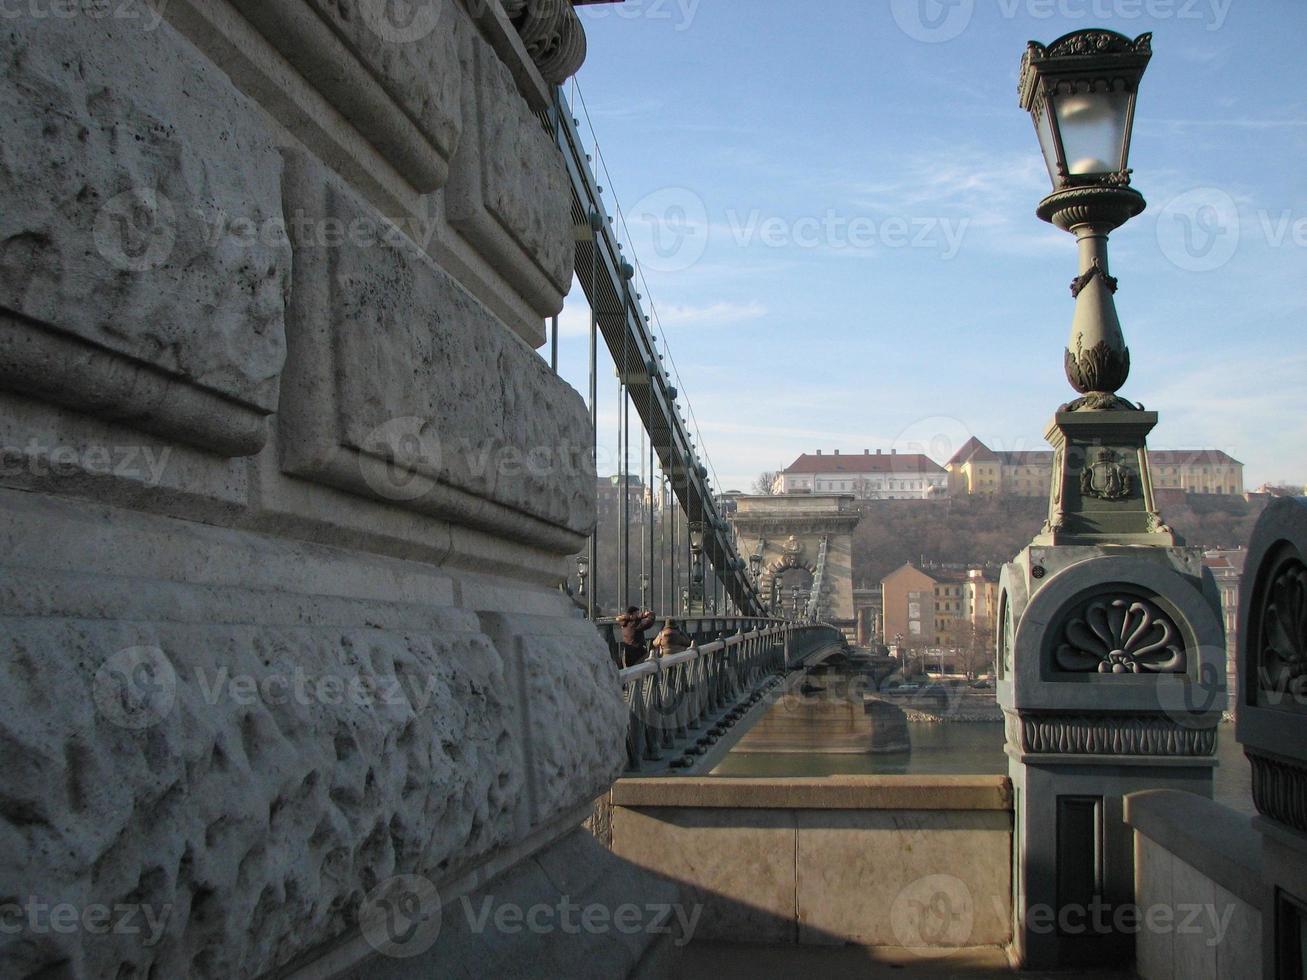 The Chain bridge photo